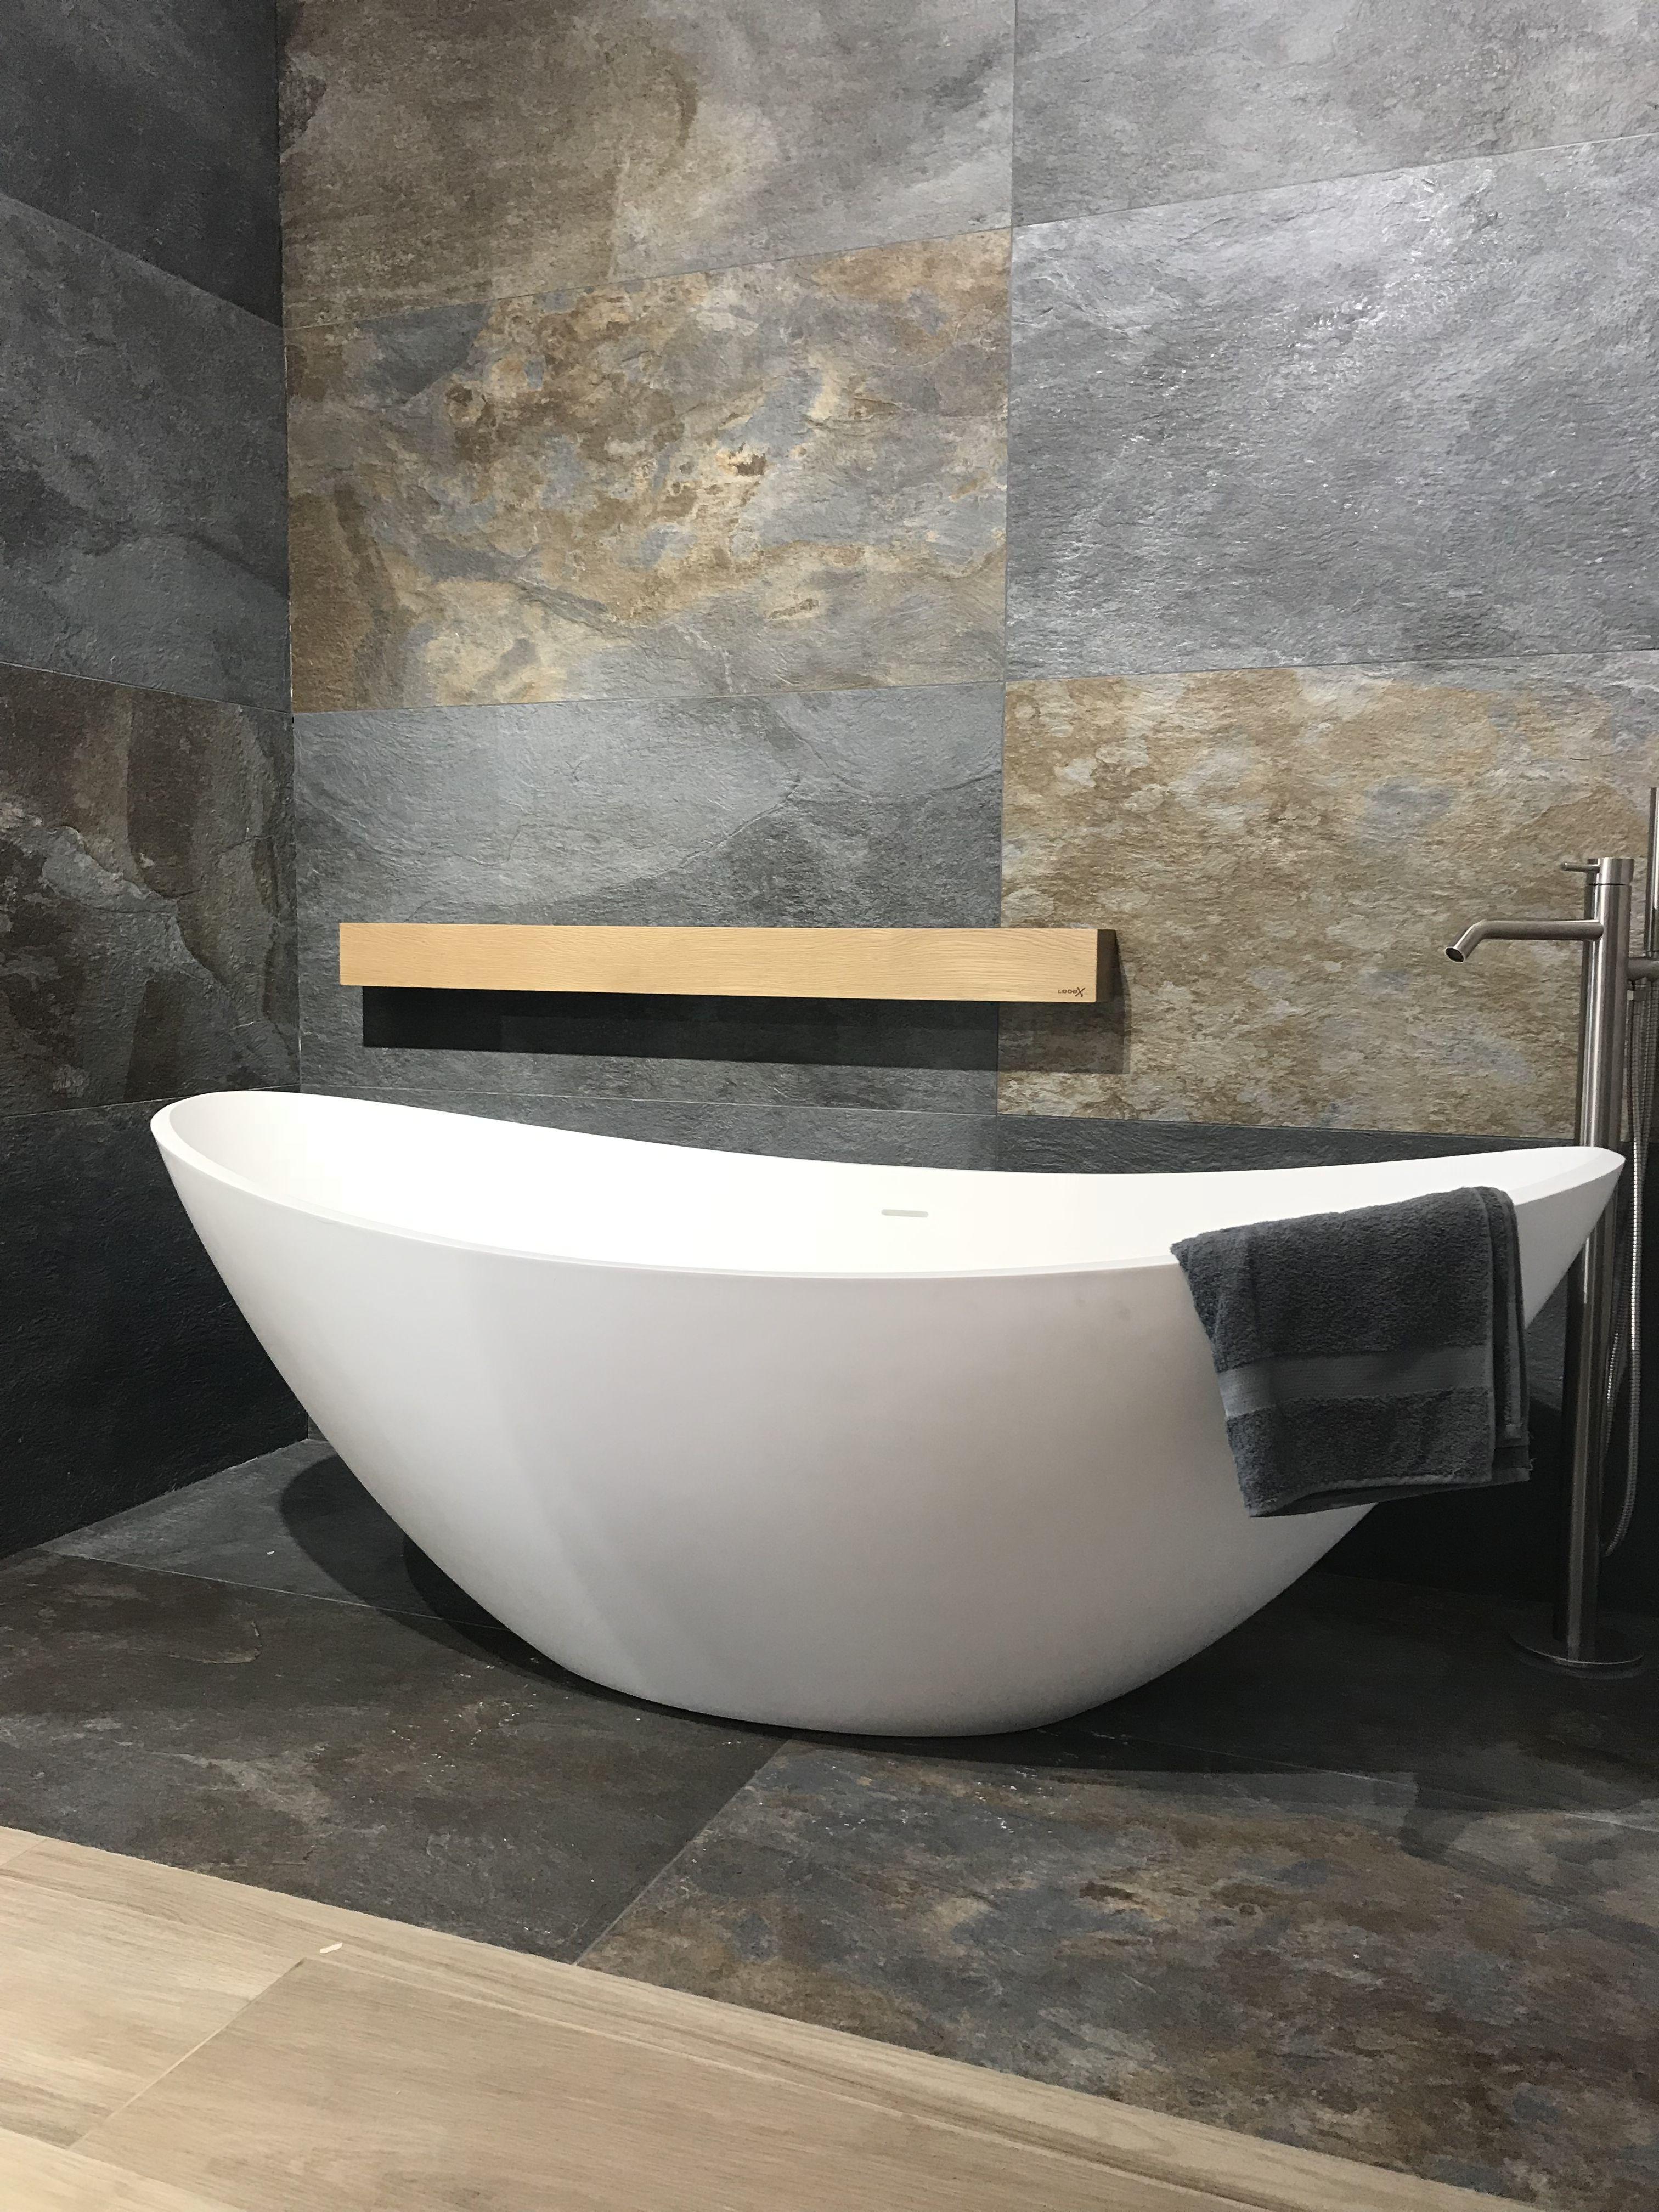 Vrijstaand Bad Mat Wit.Natuursteenlook Leisteenlook Tegels In Combinatie Met Jee O Rio